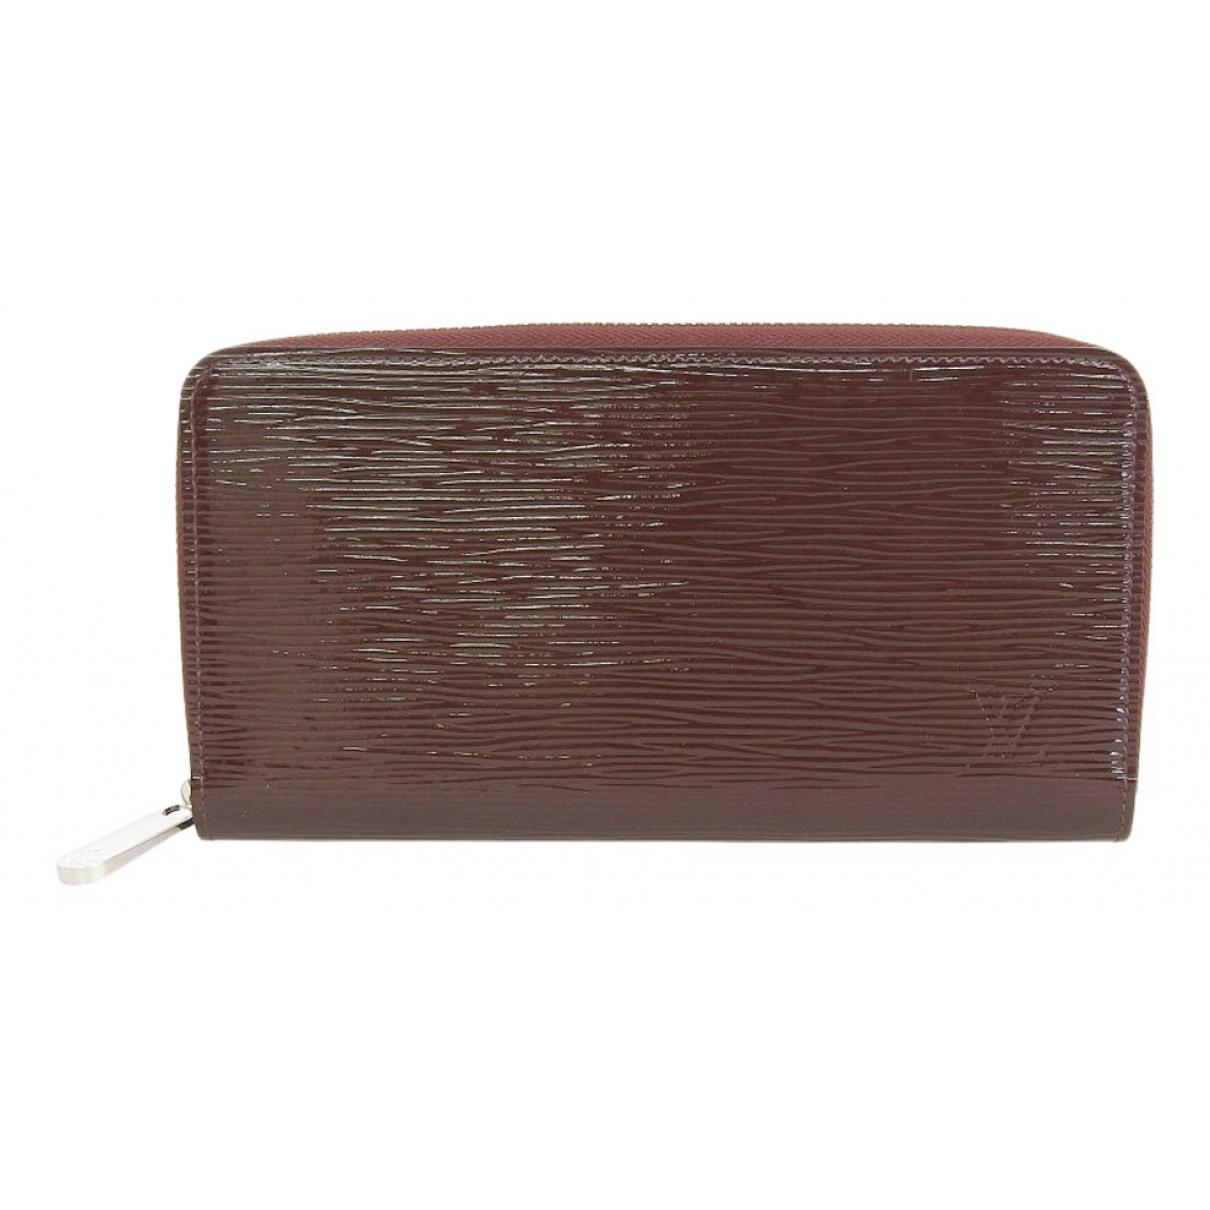 Louis Vuitton - Portefeuille Zippy pour femme en cuir verni - marron